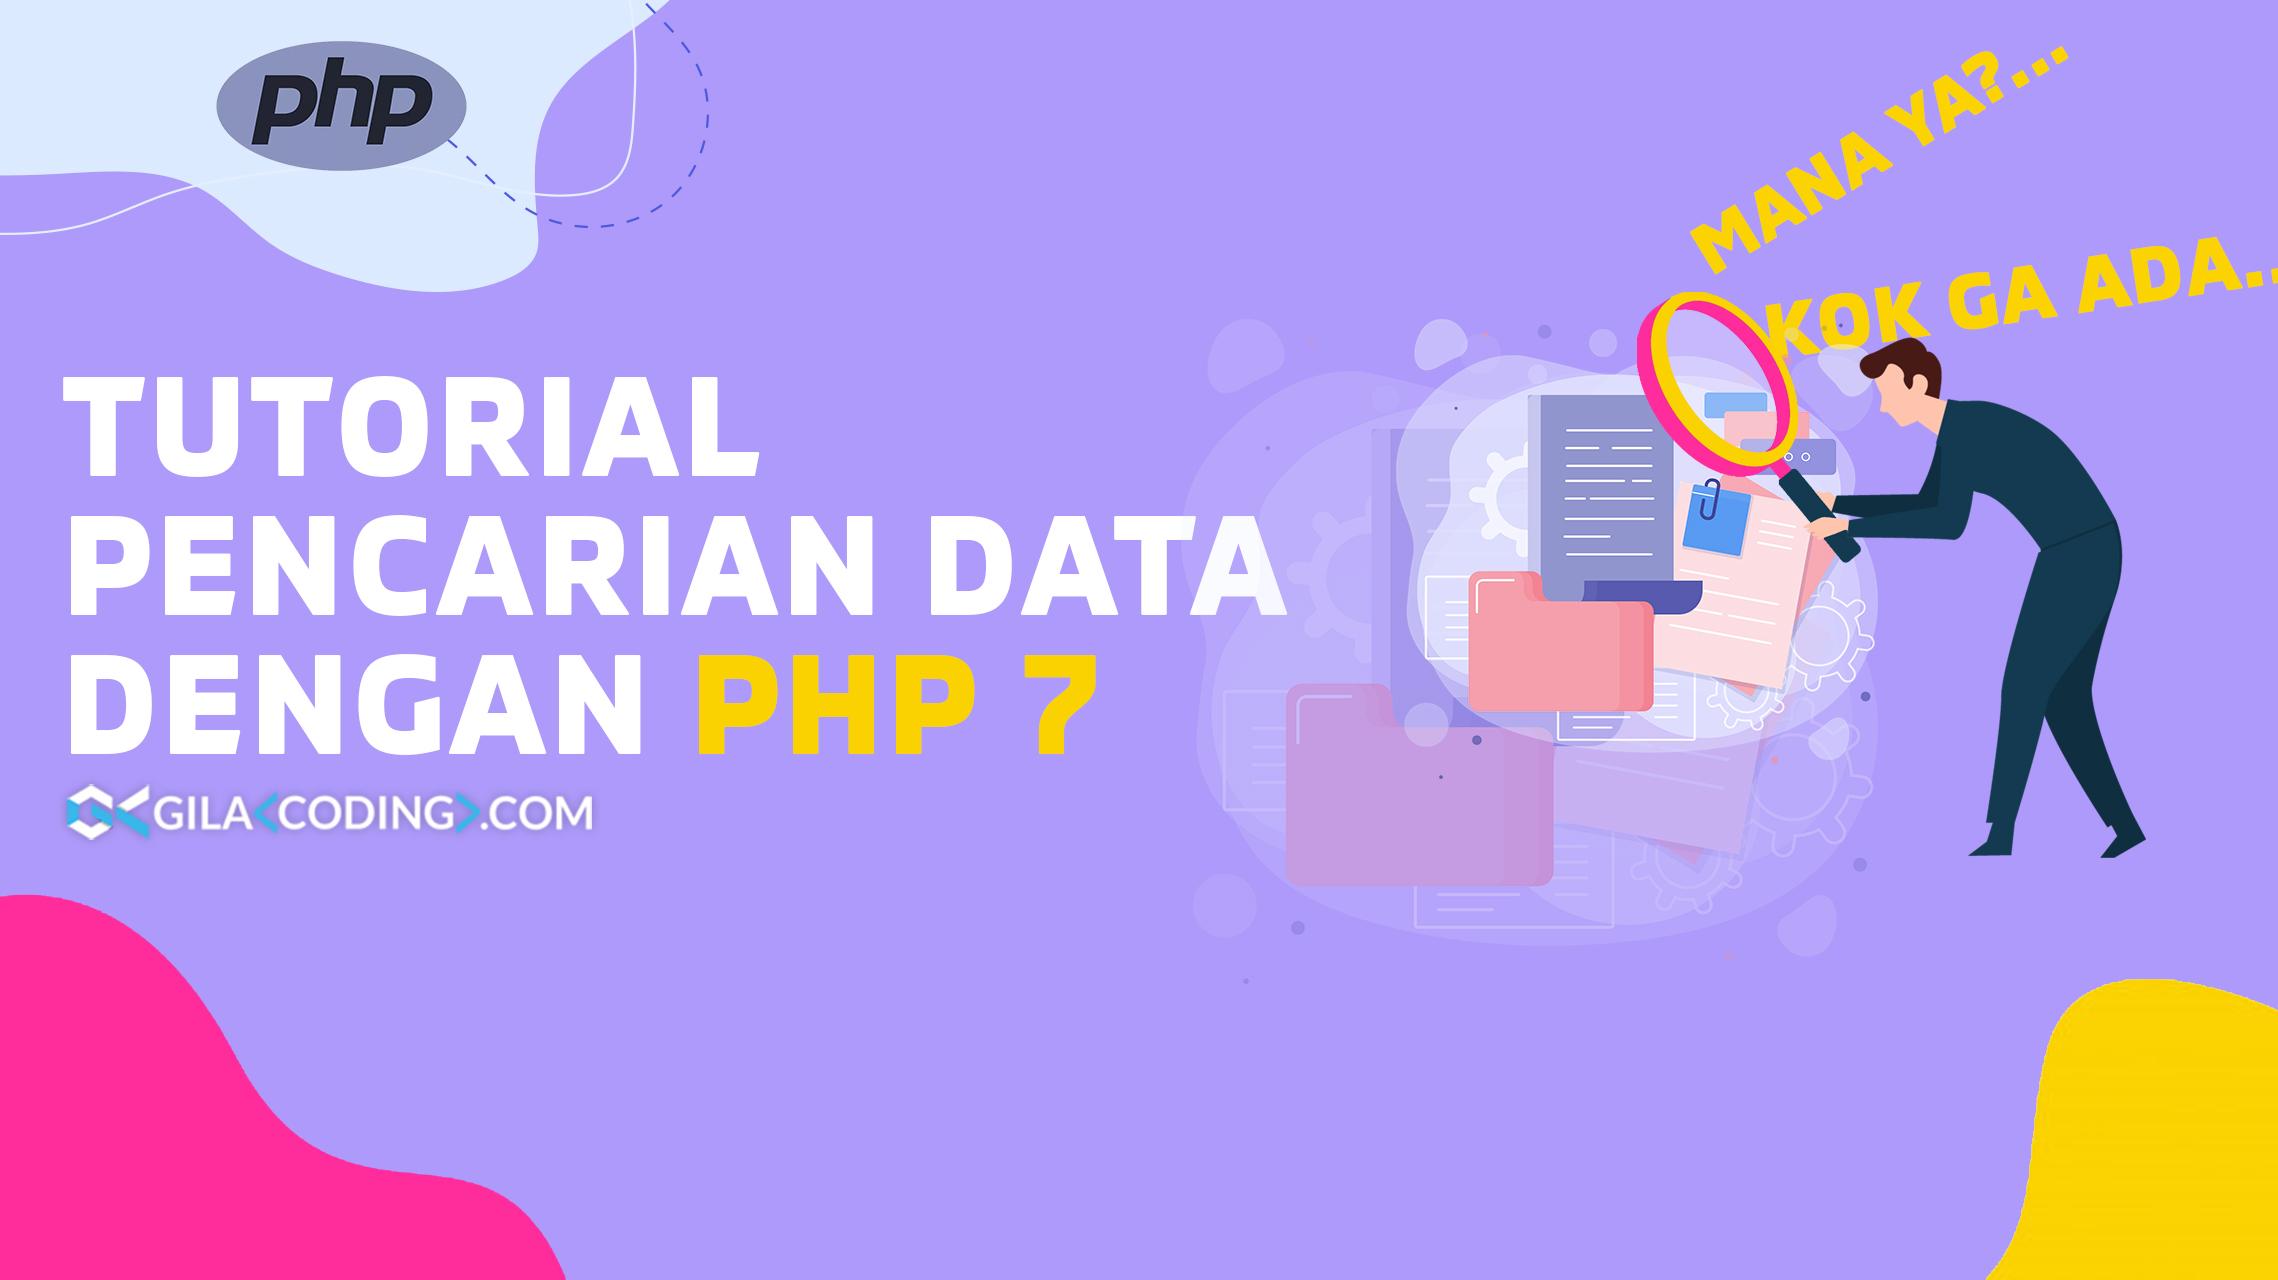 Tutorial Pencarian Data dengan PHP 7 dan MySQL Terbaru